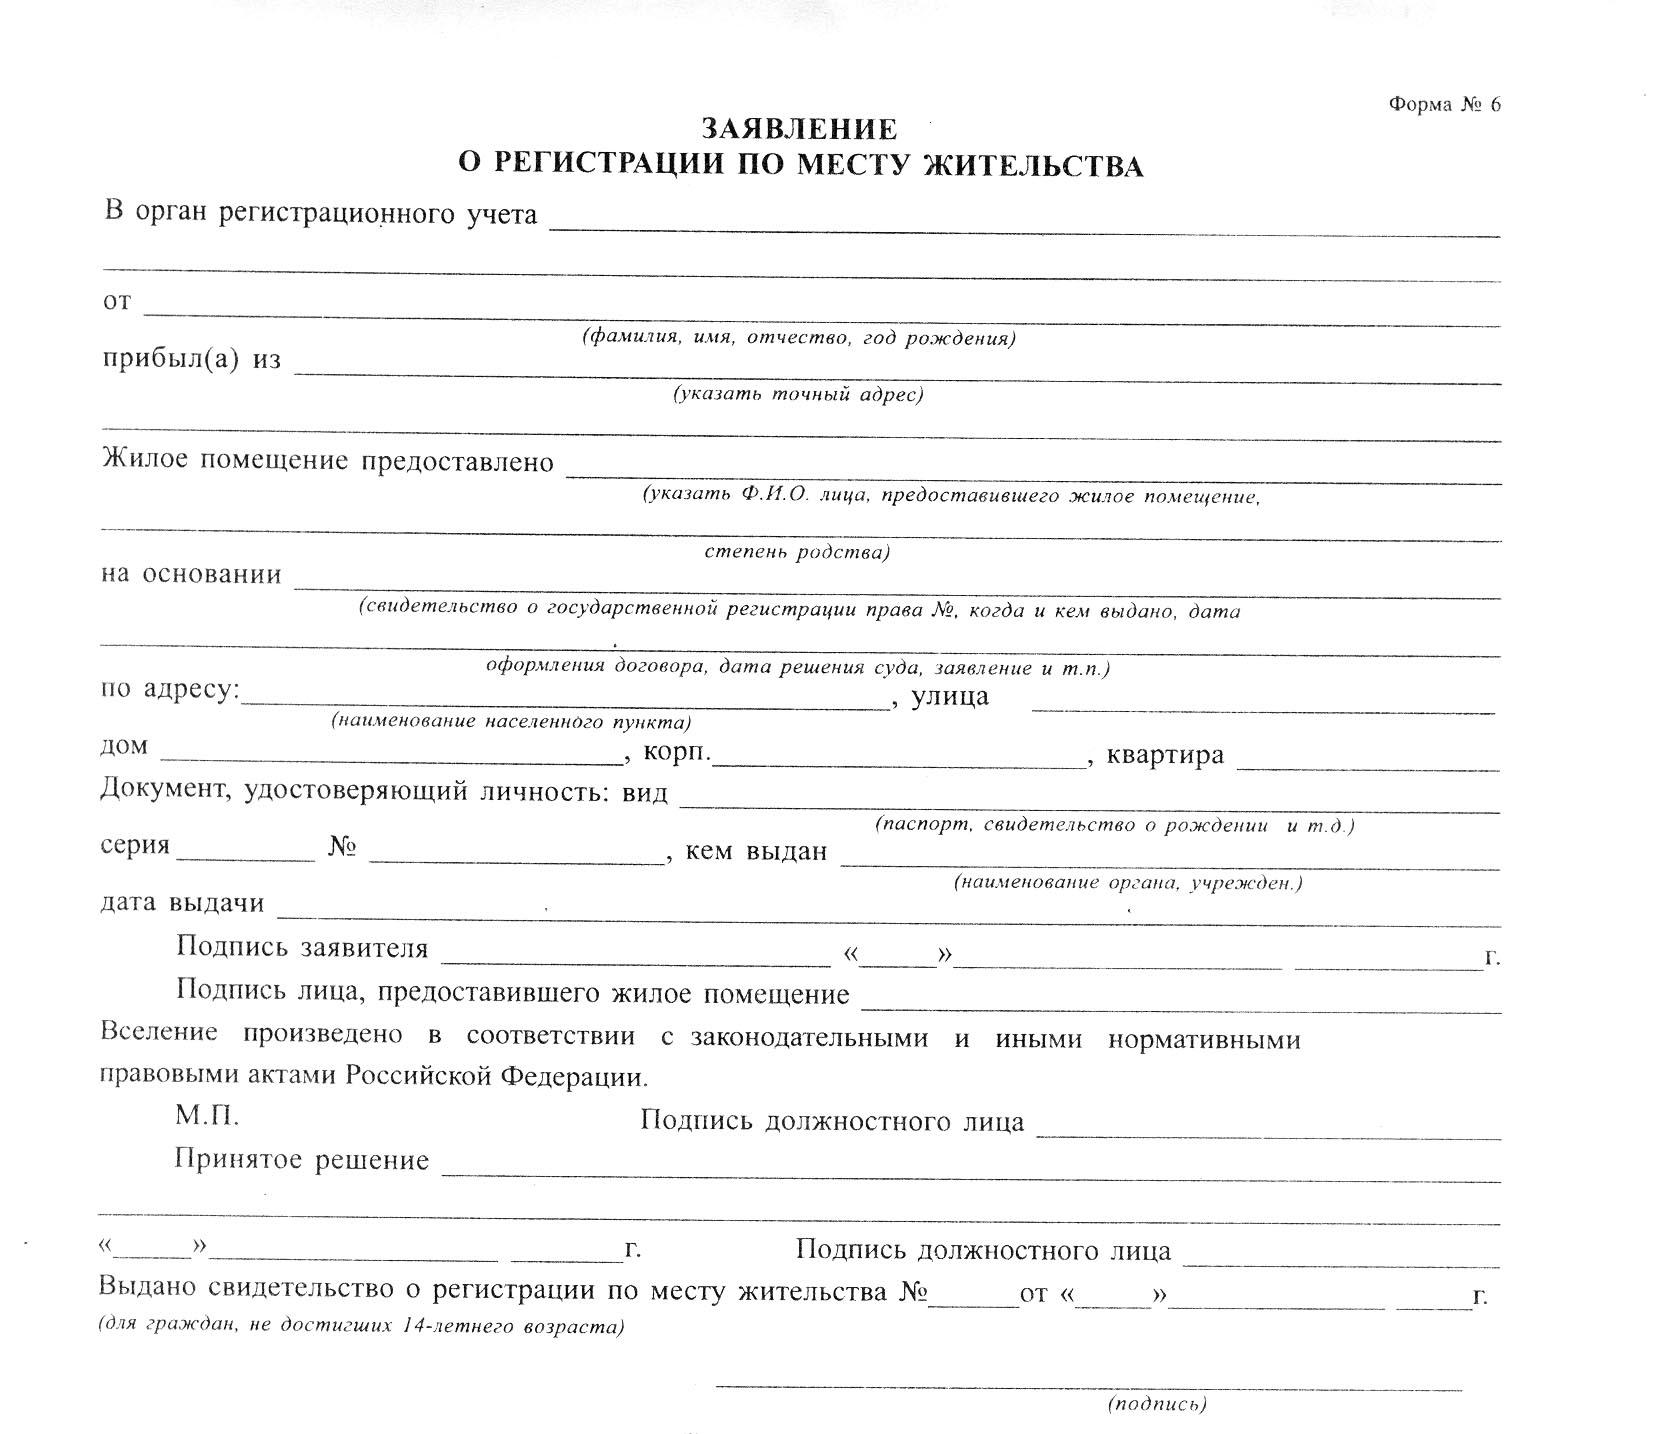 Заявление о регистрации по месту жительства фото